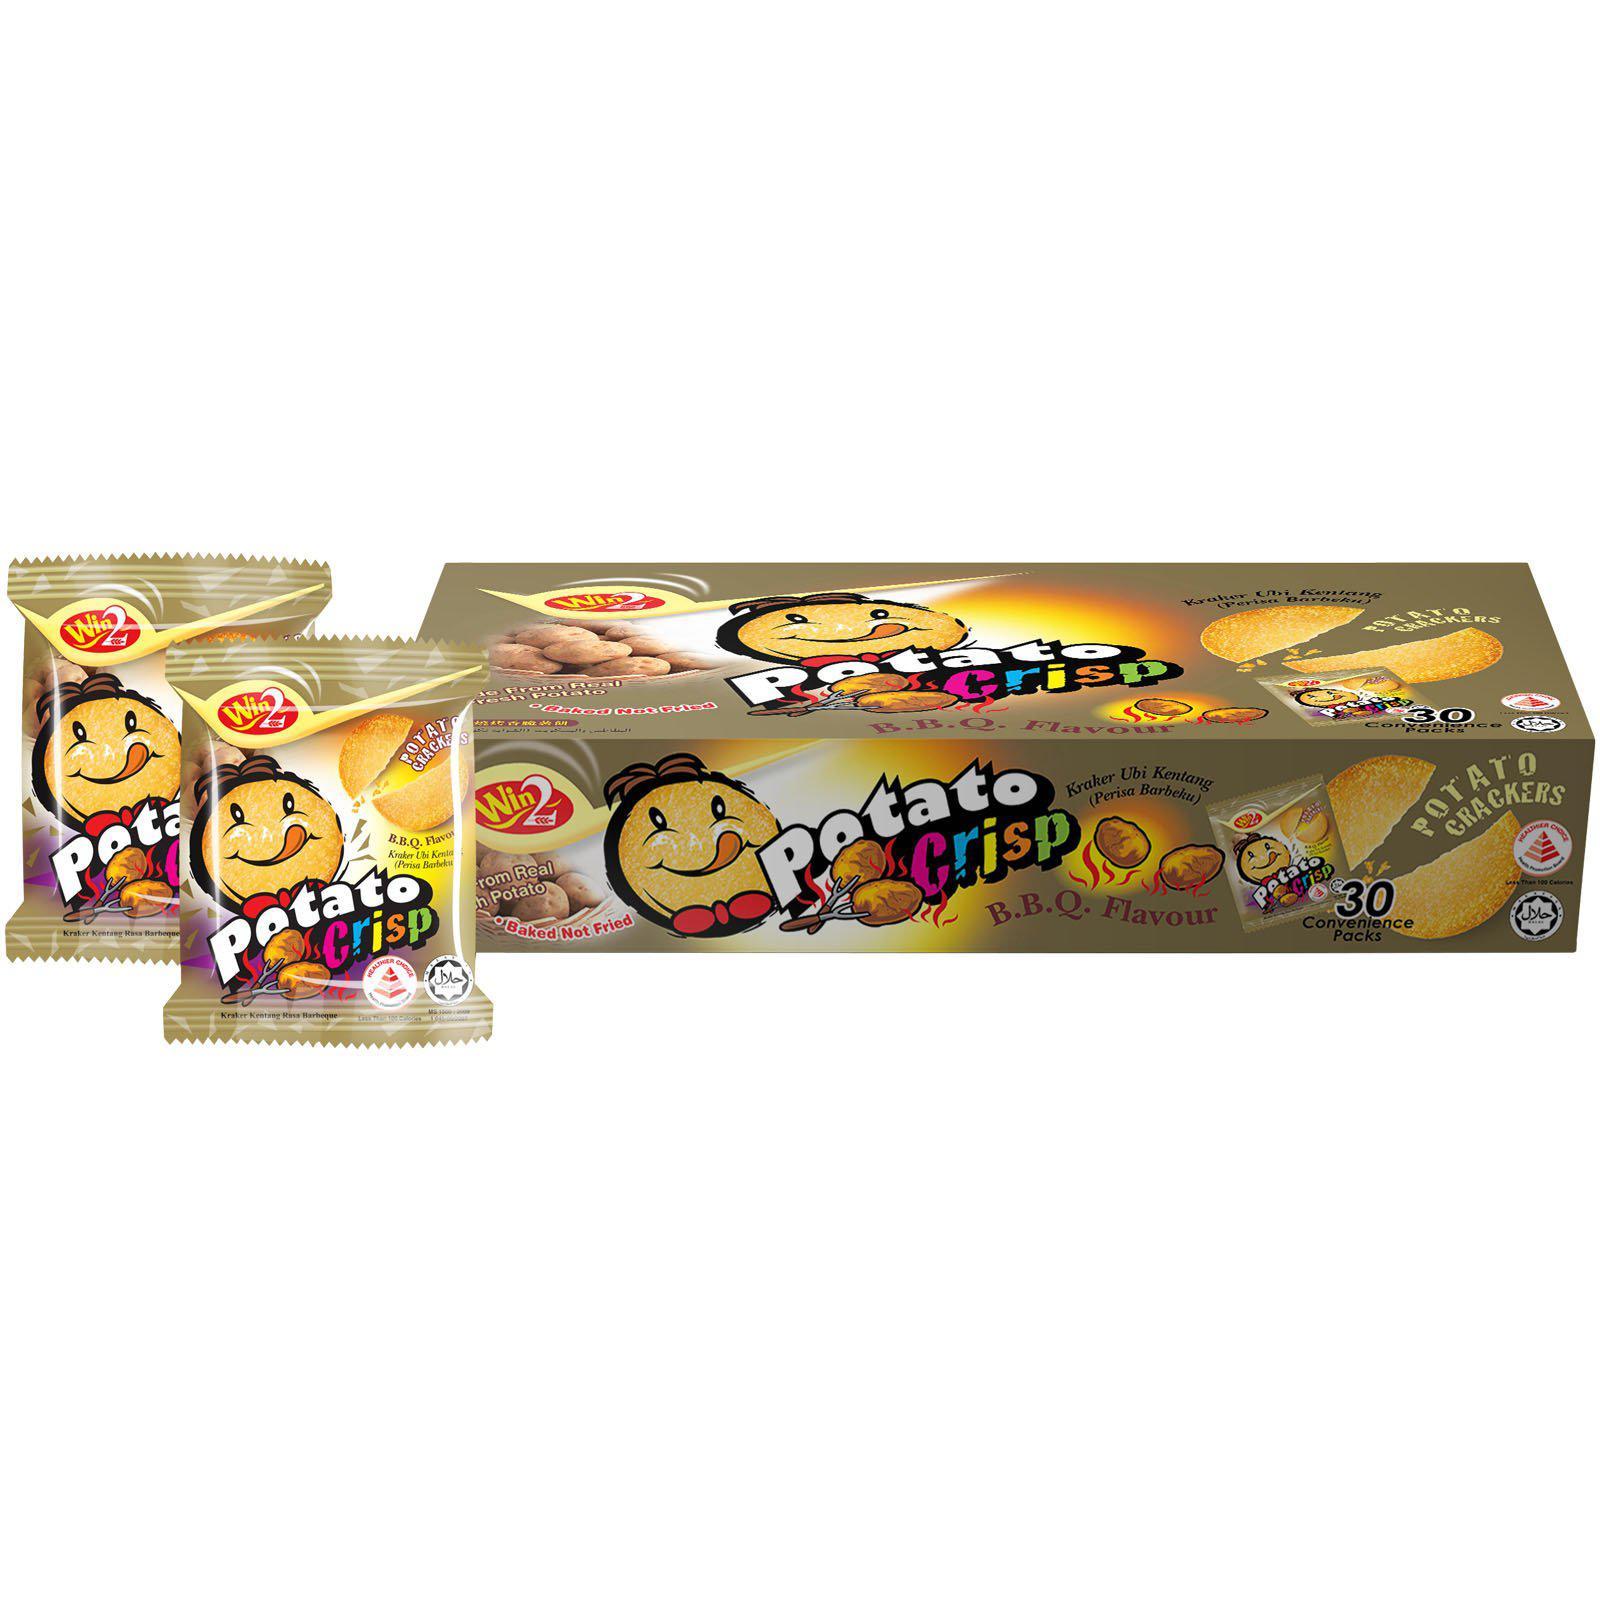 Potato Crisp BBQ Flavour 20 grams x 30 packs